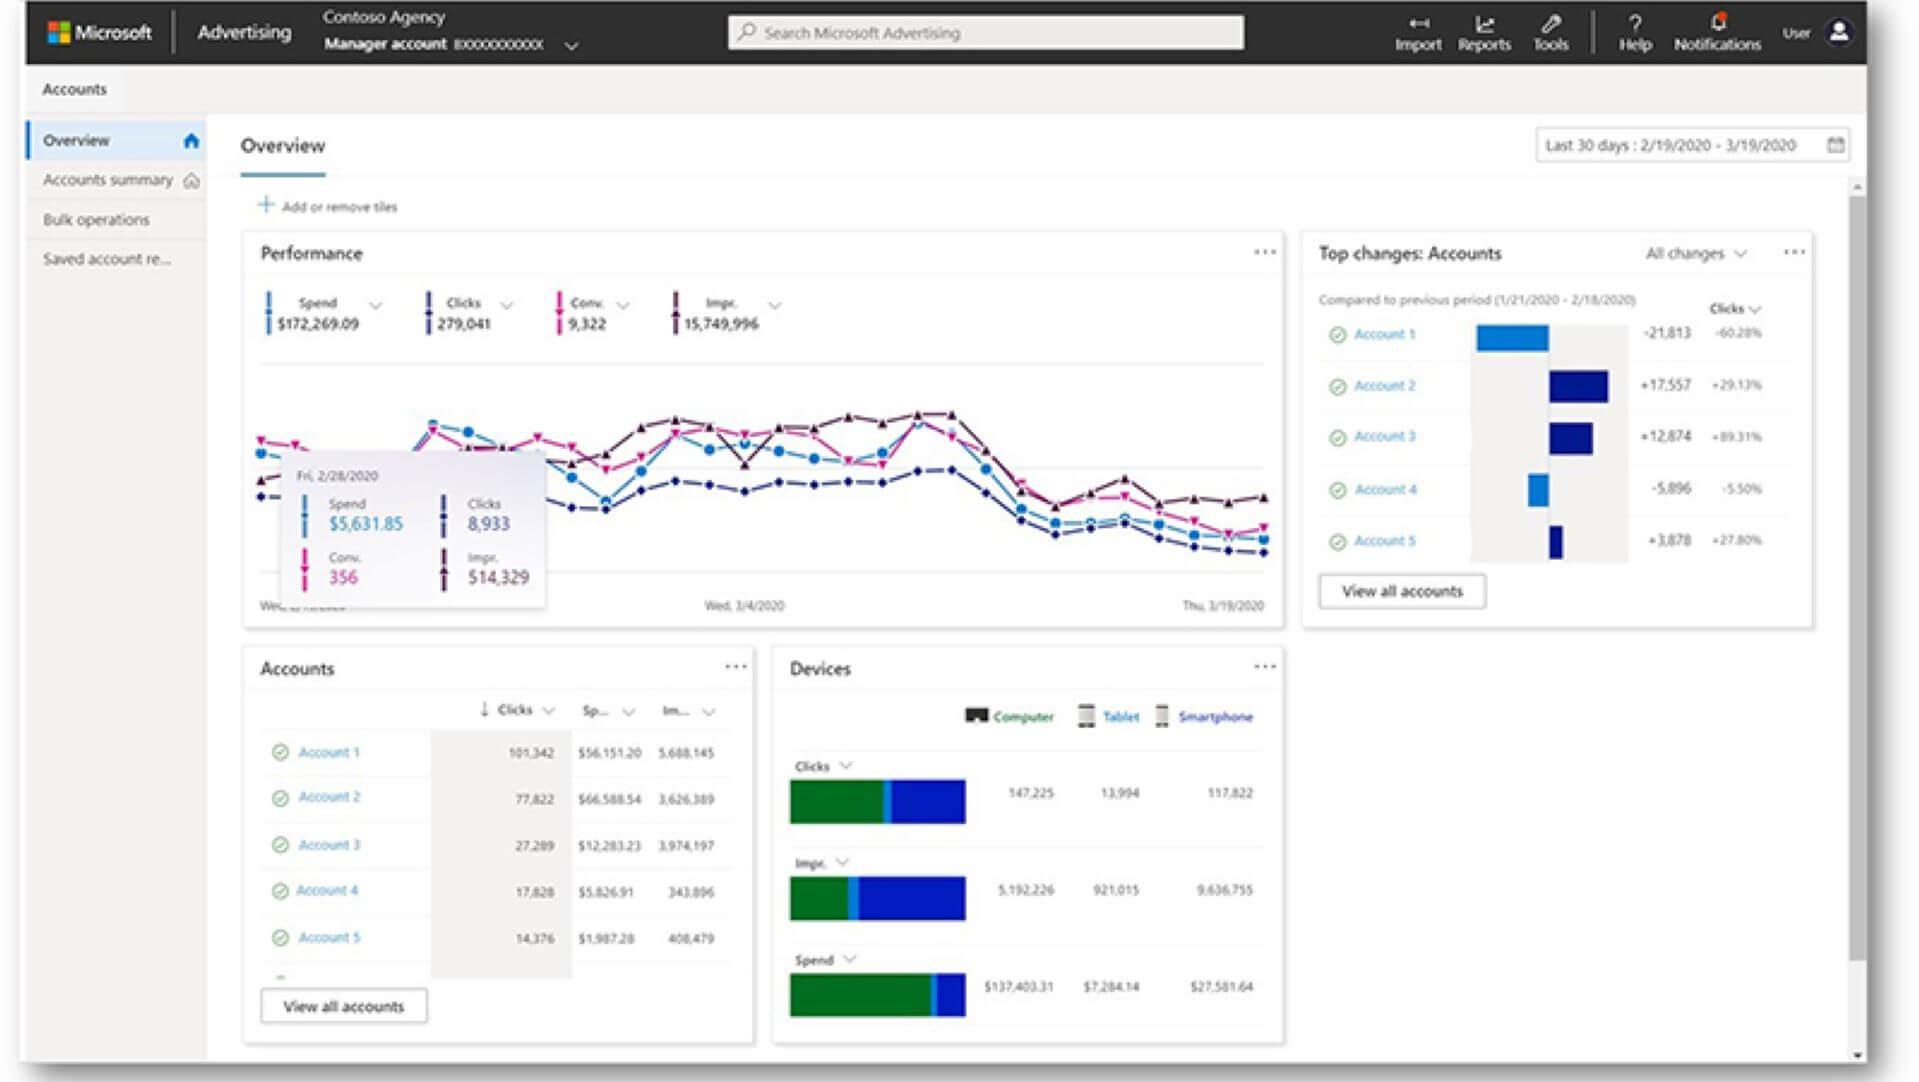 Microsoft Advertising expande el rediseño de la interfaz de usuario a más páginas